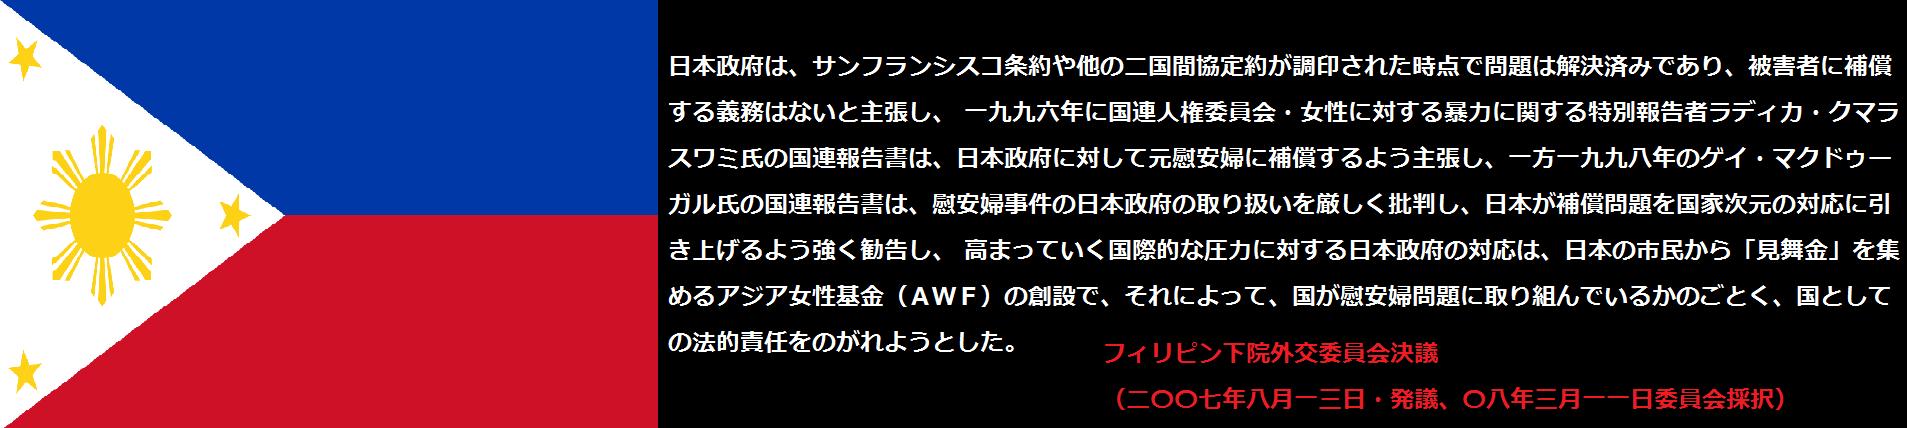 f:id:JAPbuster:20170107175446p:plain